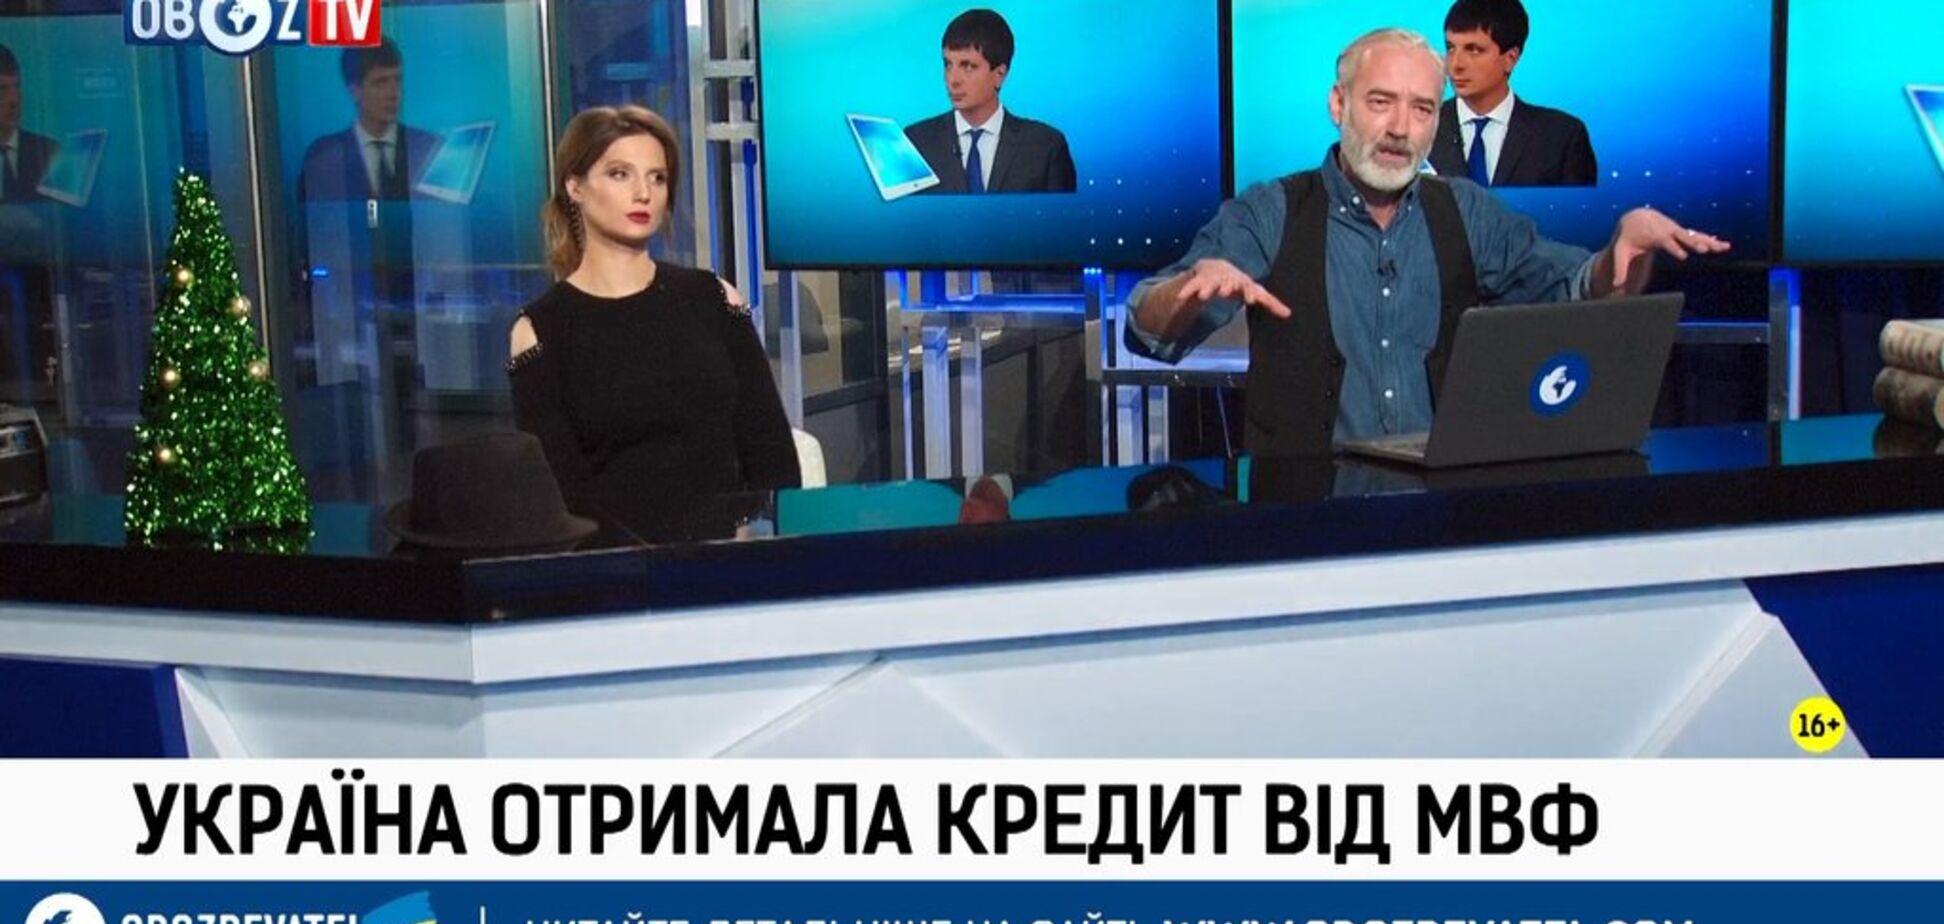 Дефолт і зупинка співпраці з МВФ: експерт назвав гасла політиків, втілення якихзакінчаться для України фатально